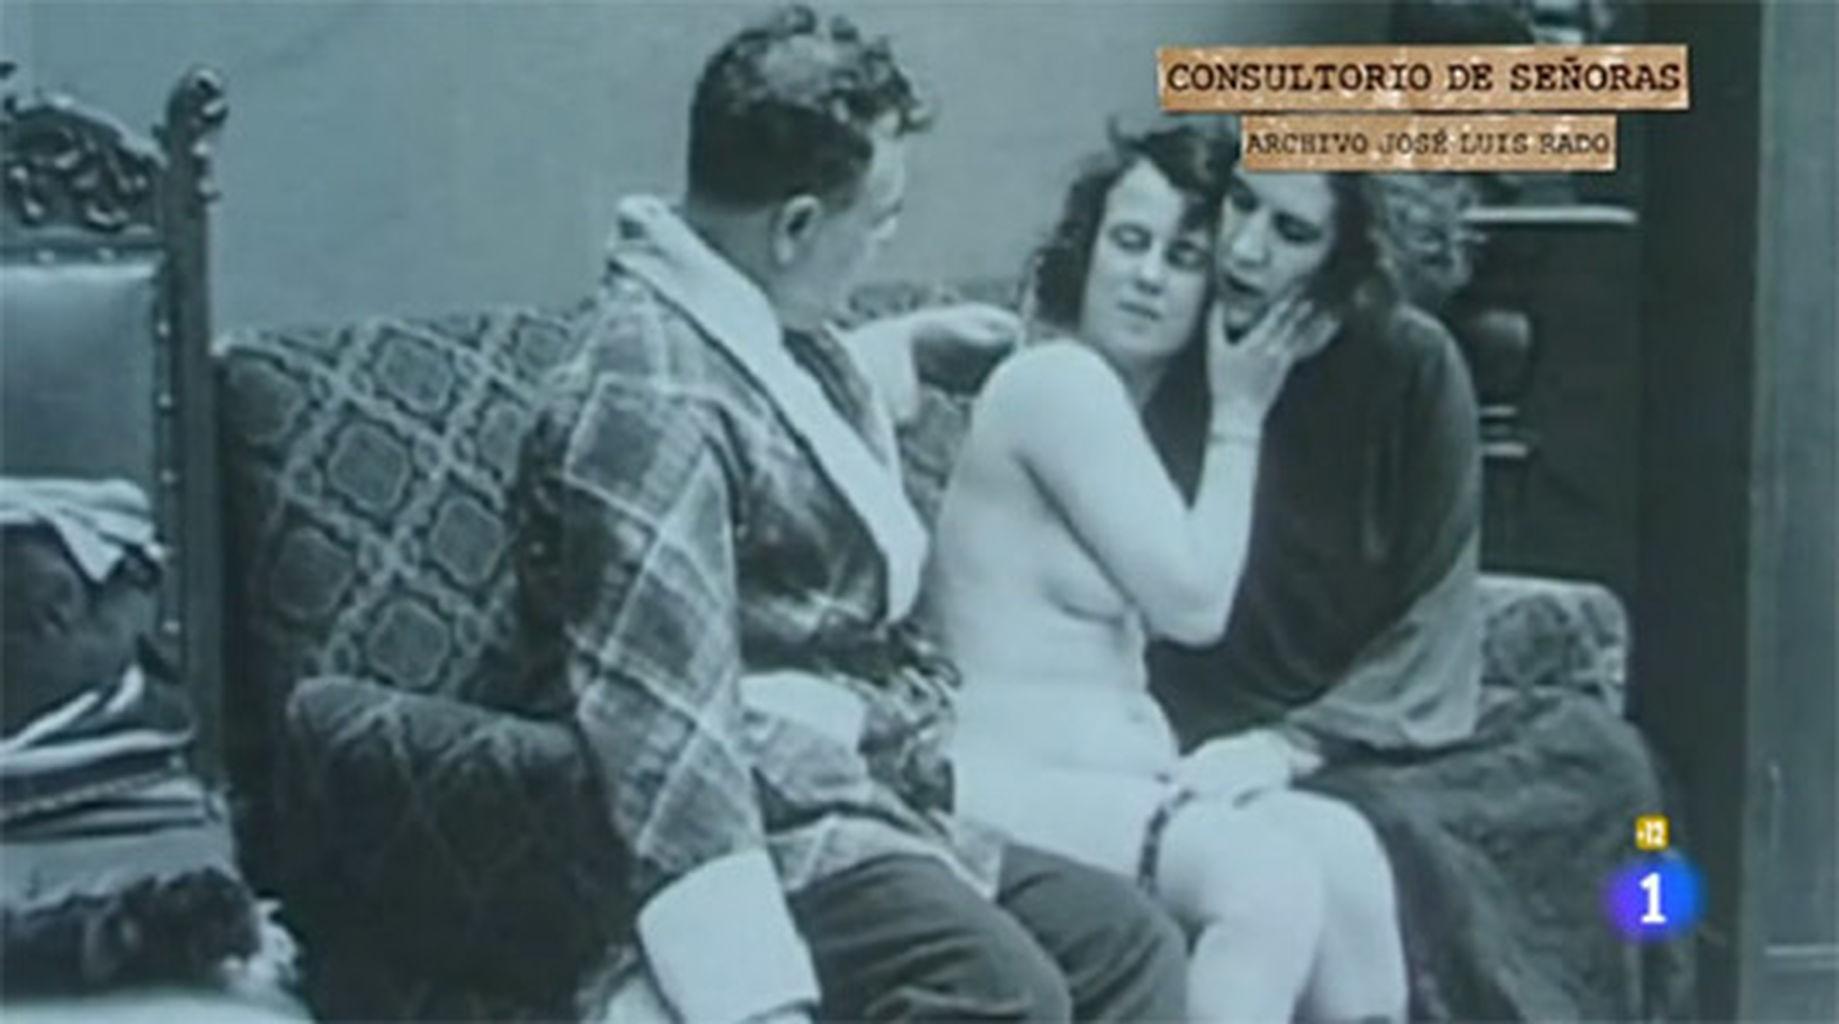 Película porno de alfonso xiii Alfonso Xiii El Rey Del Cine Porno En Espana Nuevodiario Es